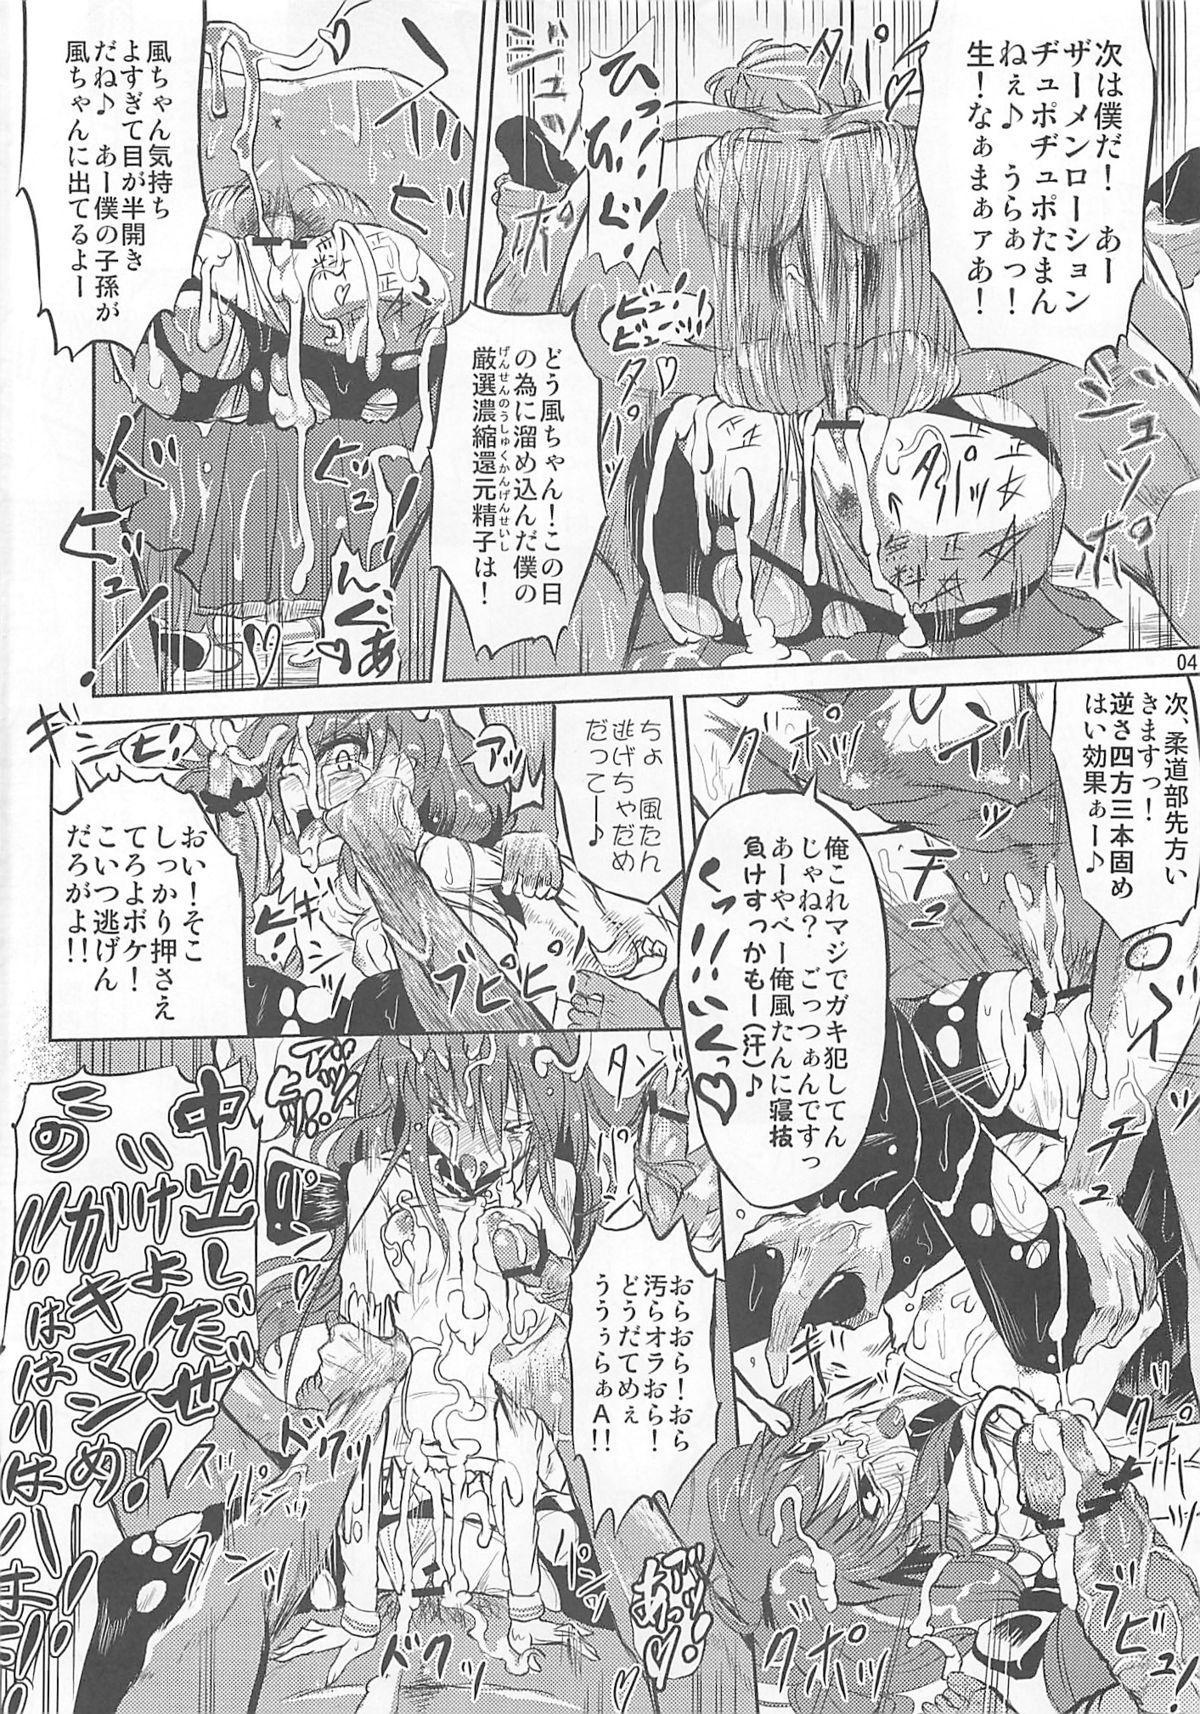 Ashi no Kirei na T-san wa Shimari ga Ii 3